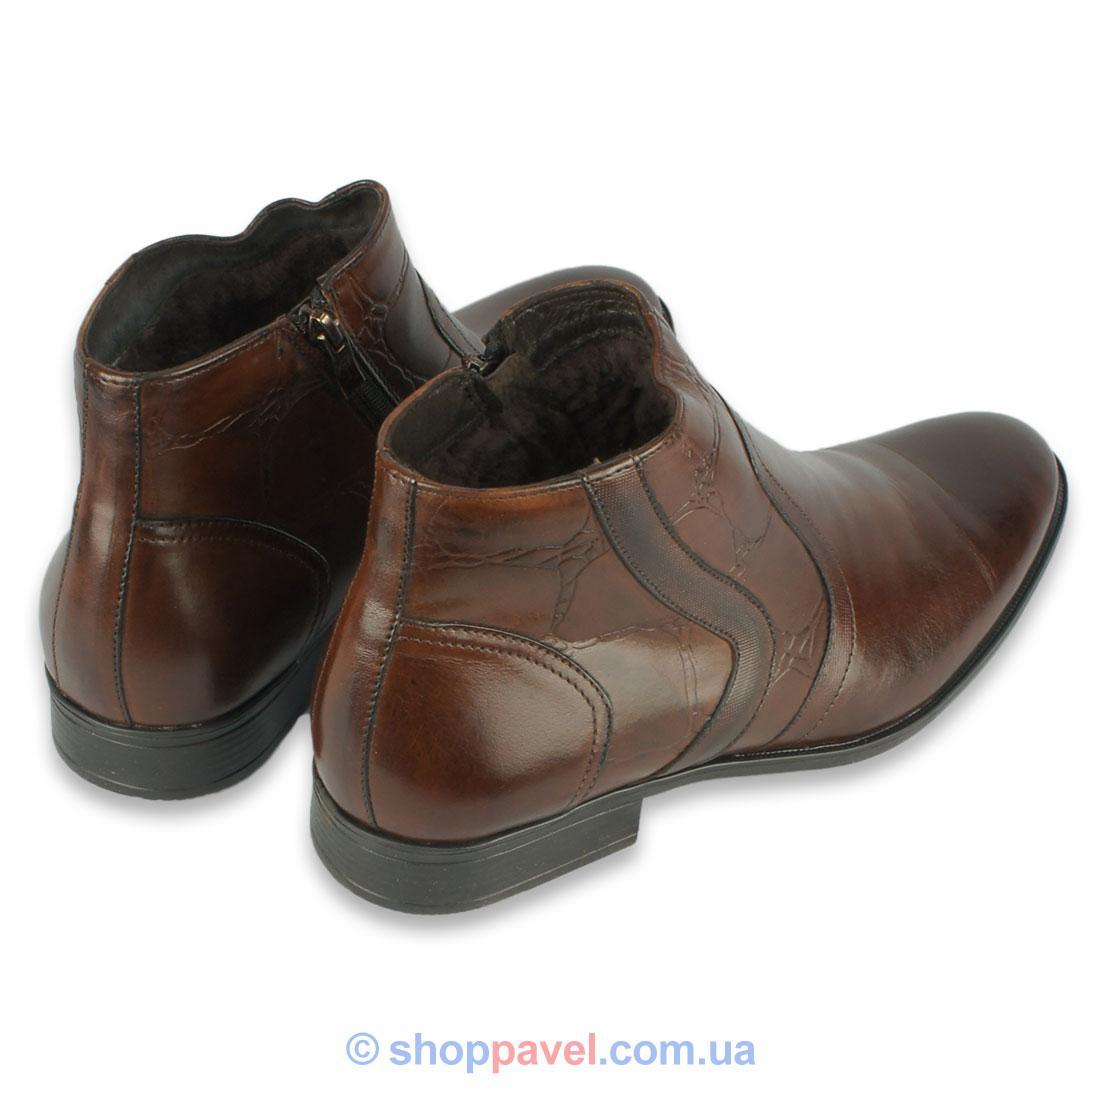 6027f8affb34ee Чоловіче зимове Польське взуття Tapi 2159, цена 2 279,90 грн./пара, купить  Білопілля — Prom.ua (ID#543780143)